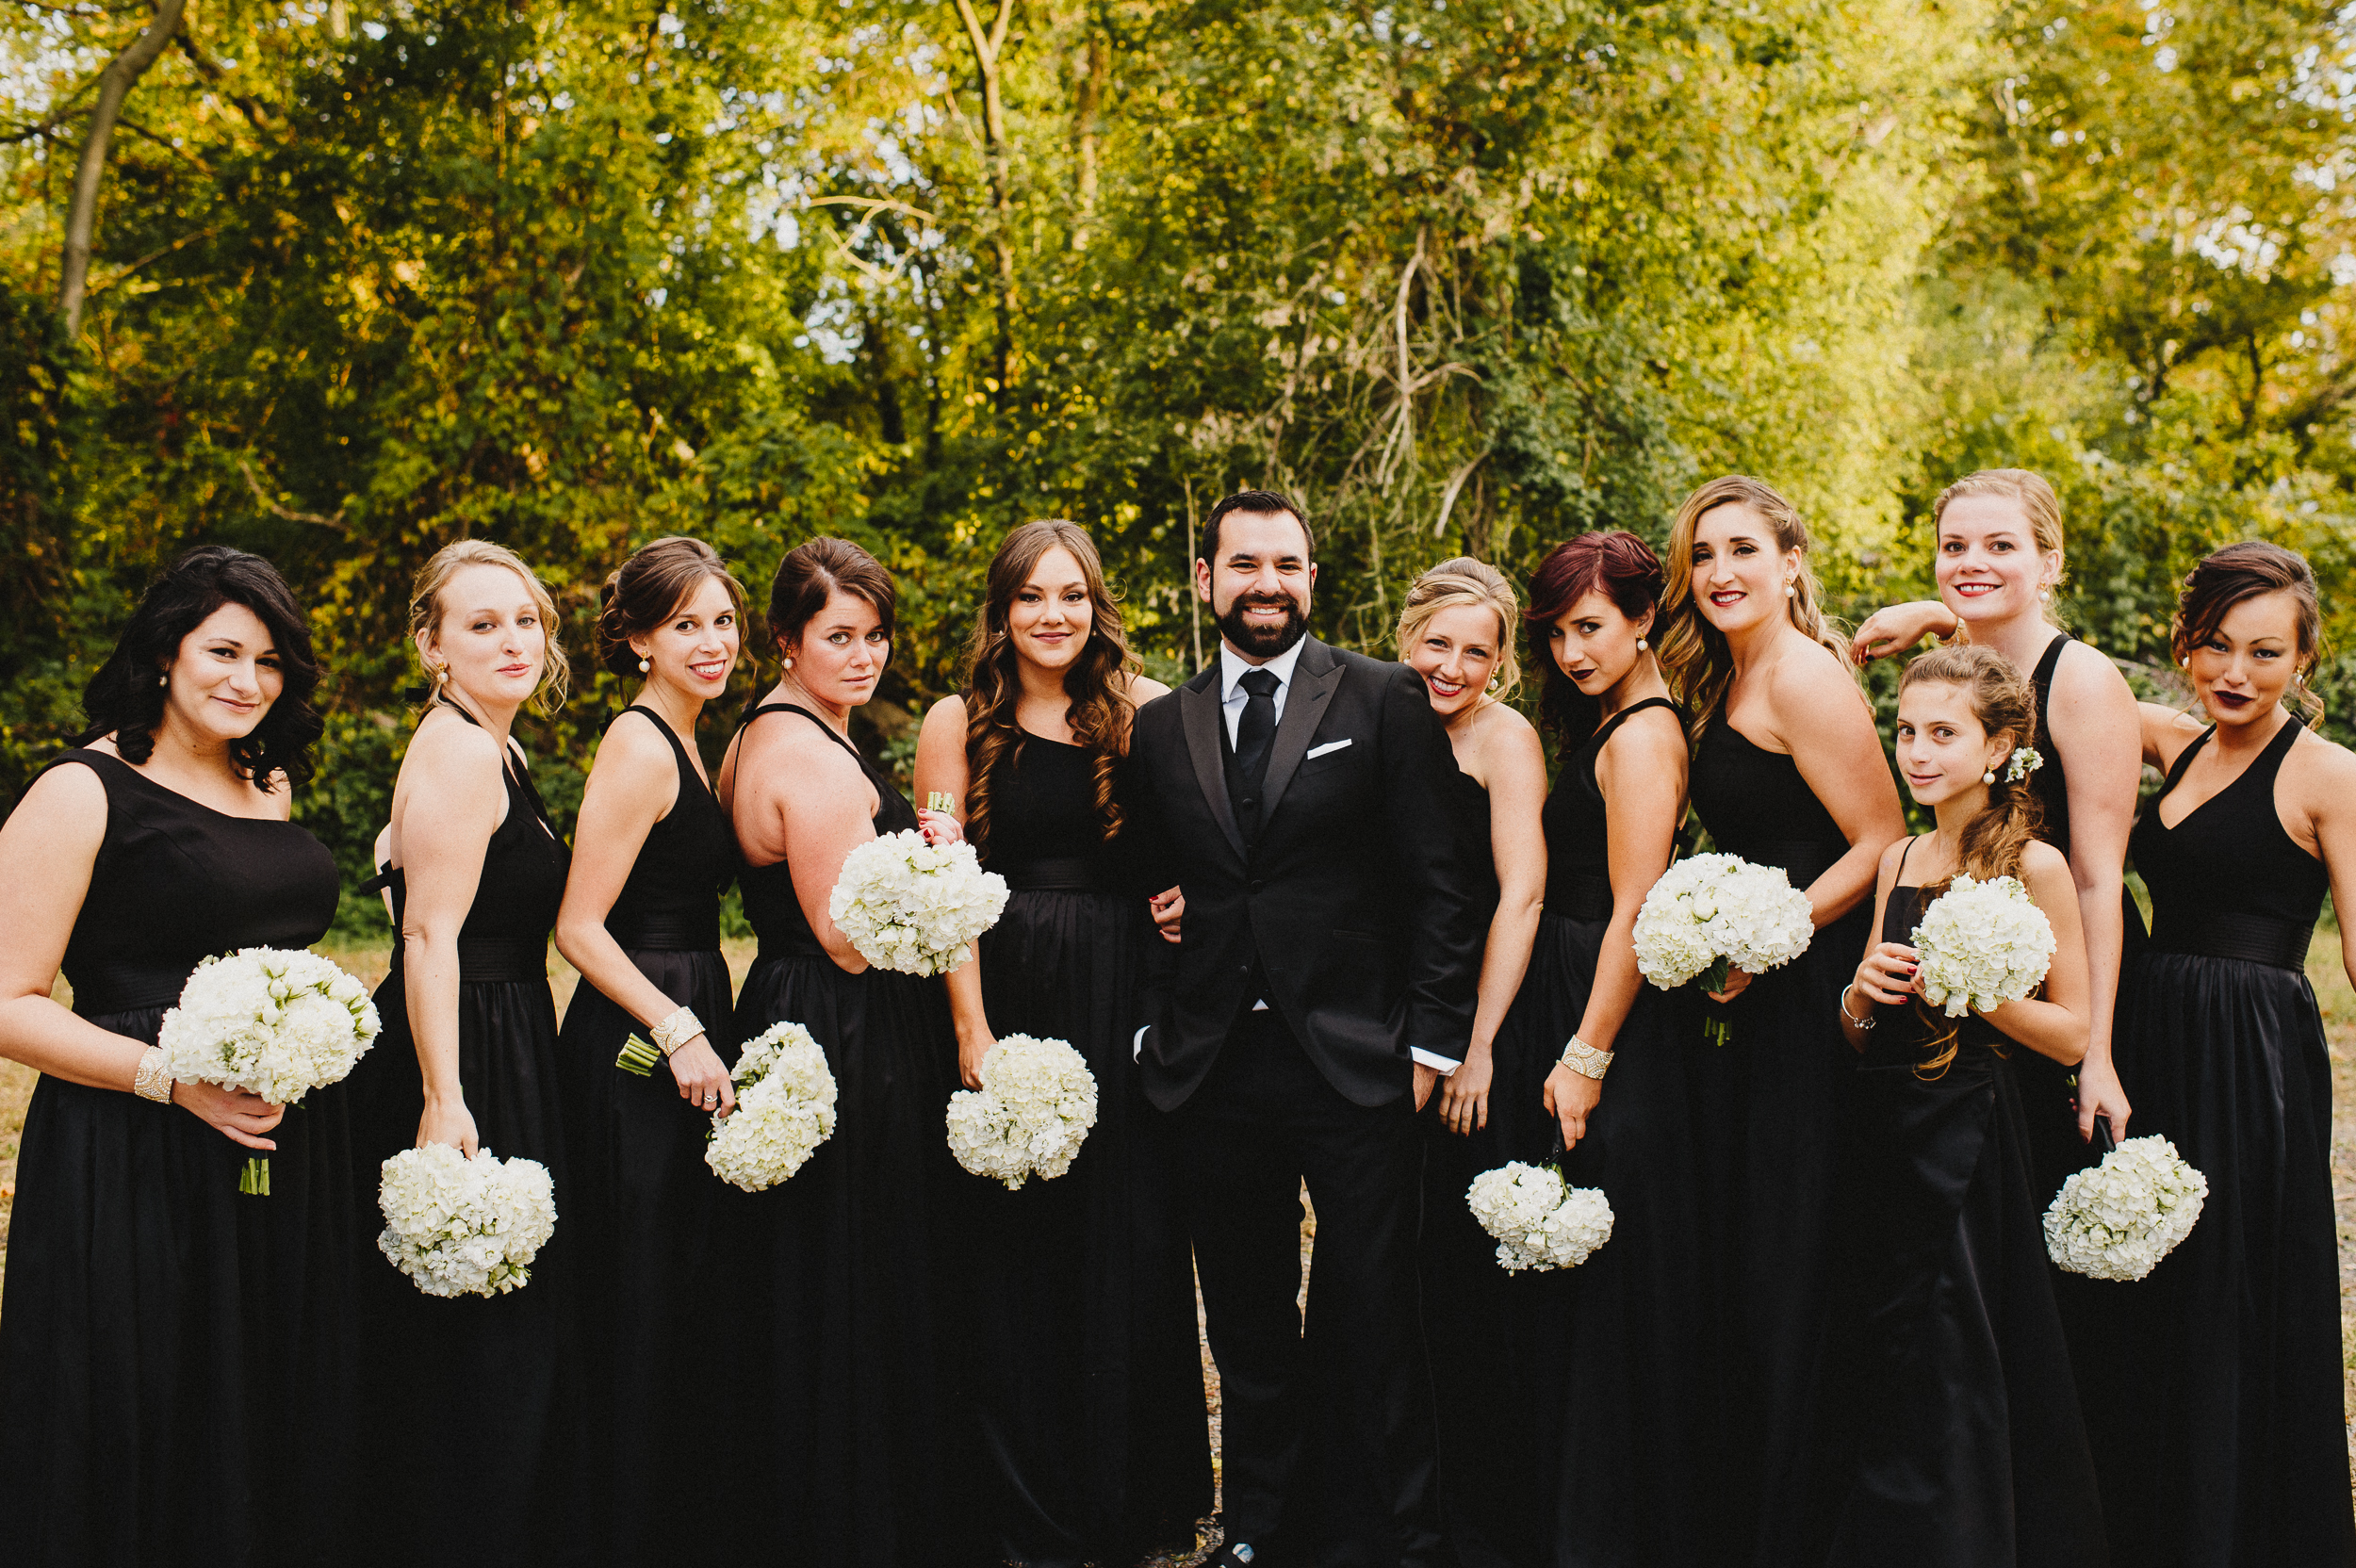 lambertville-station-wedding-photographer-24.jpg